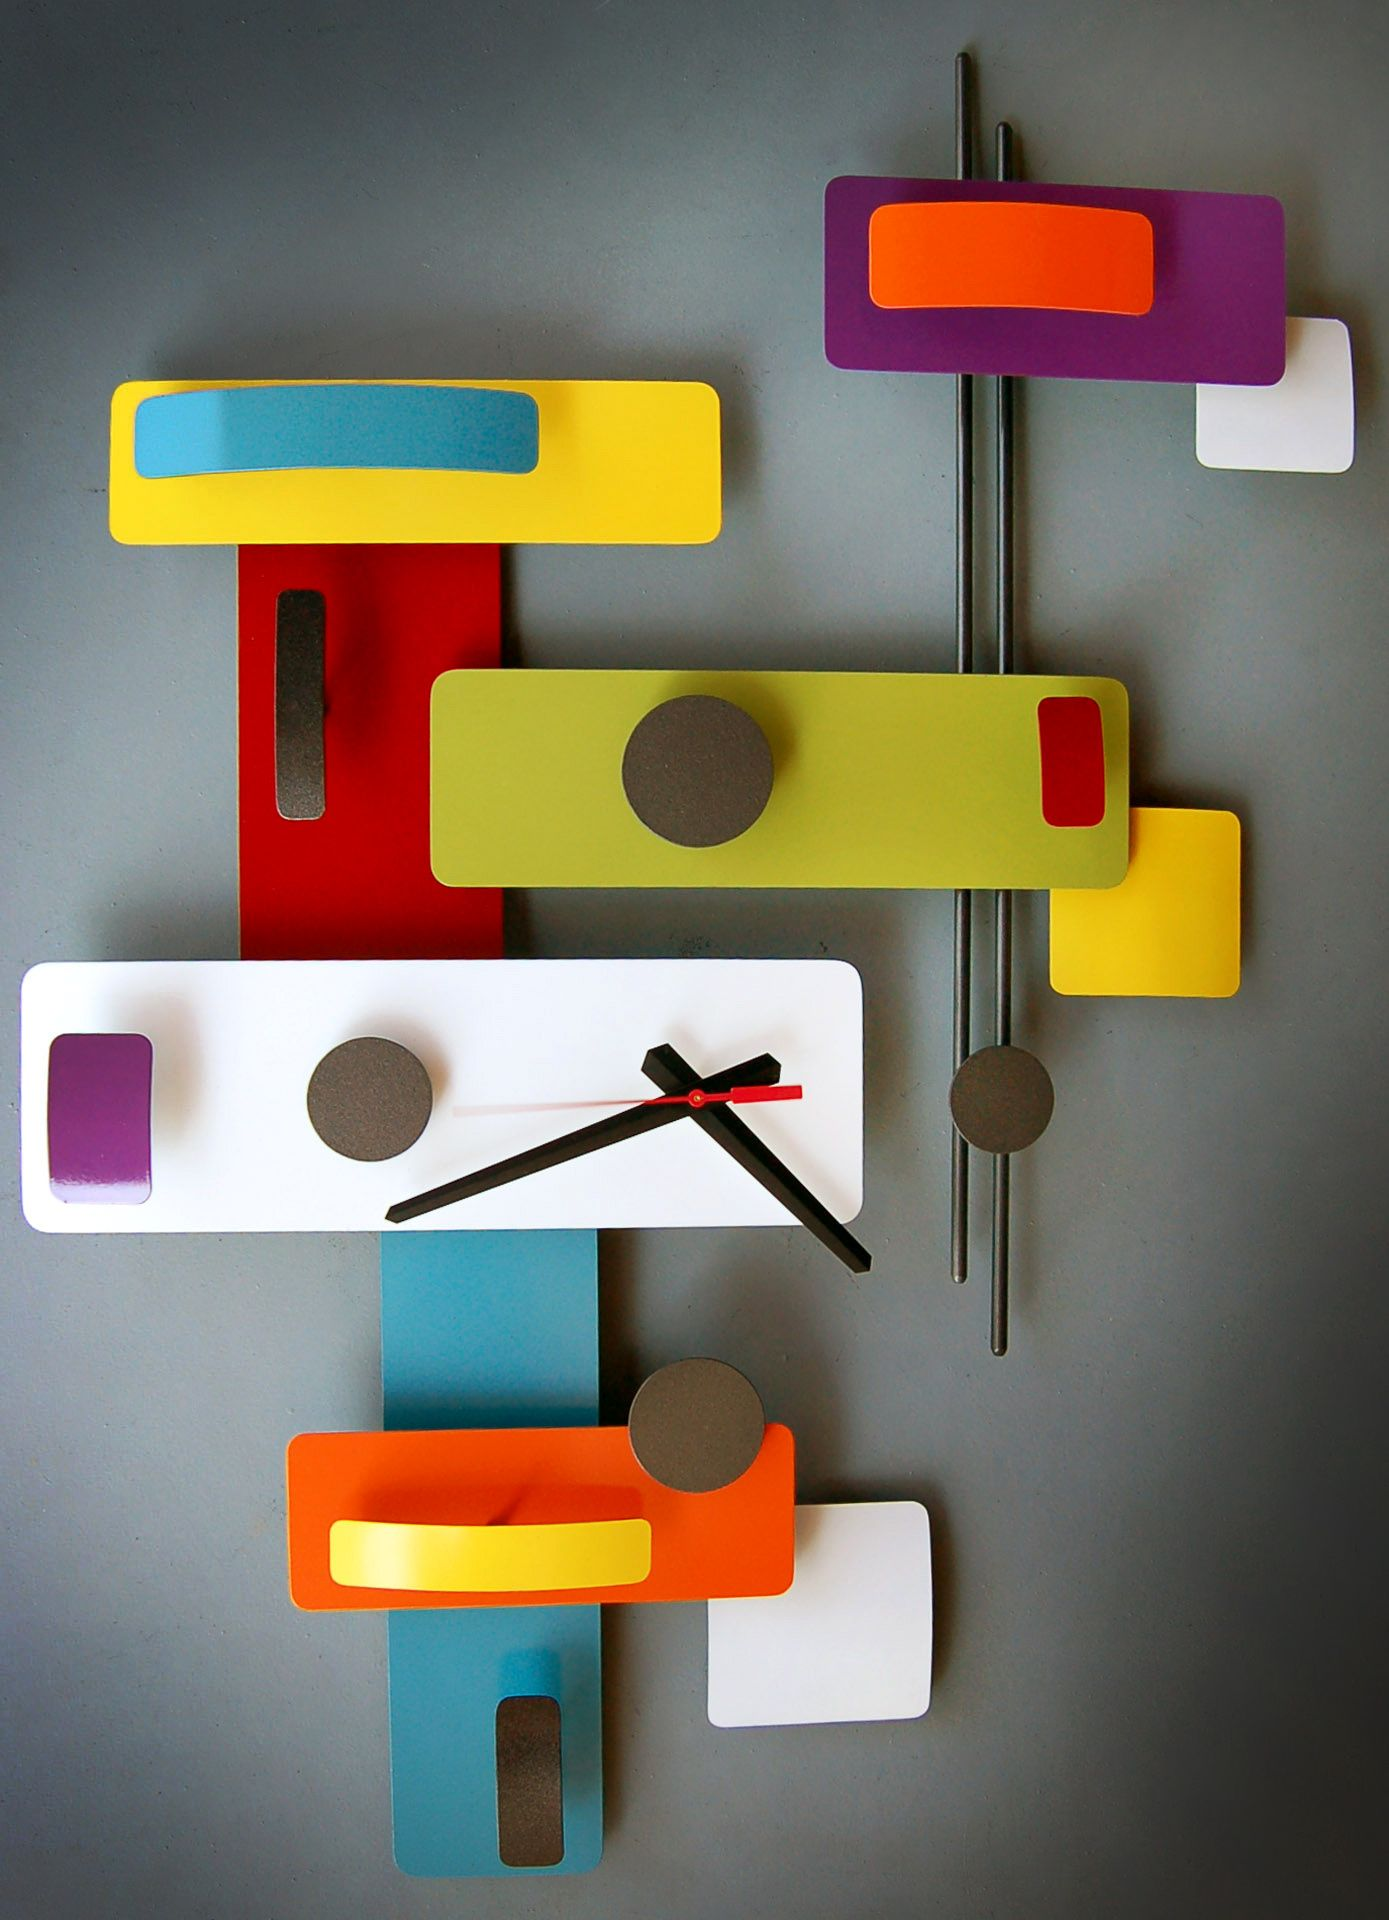 Retro Mod Clocks By Steve Cambronne I Like It Wall